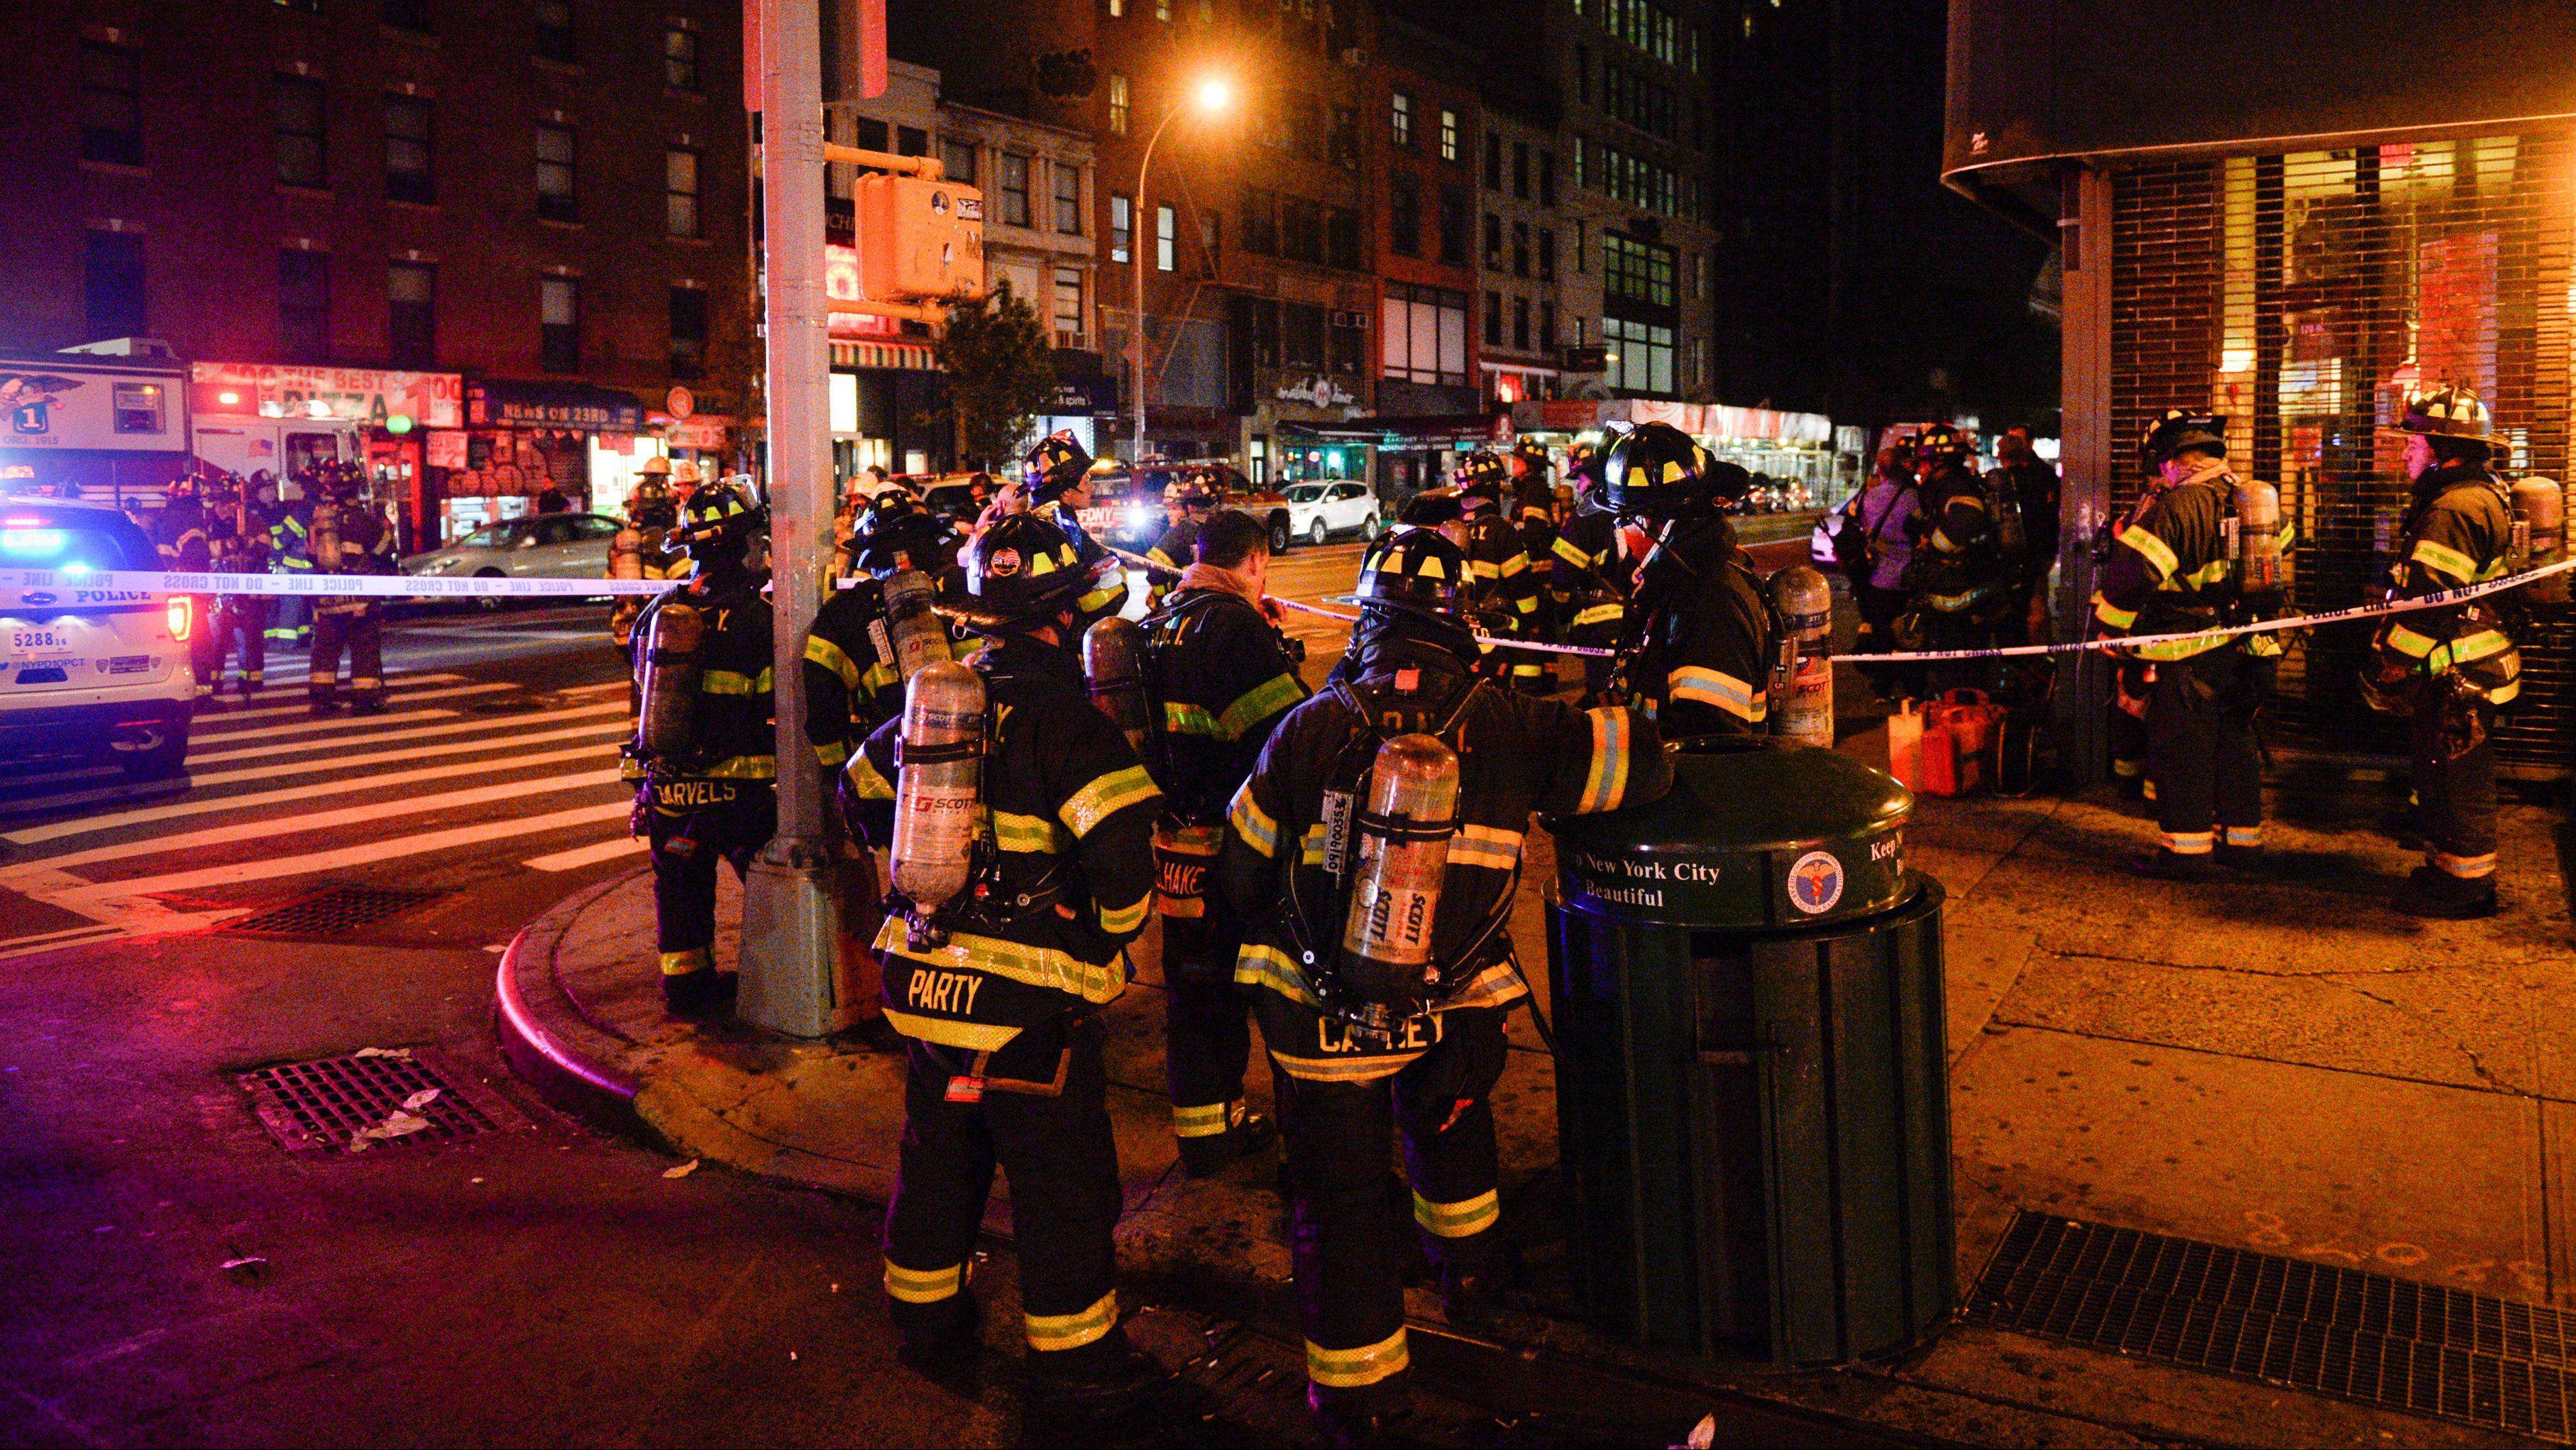 Authorities Examine Scene of New York City Explosion